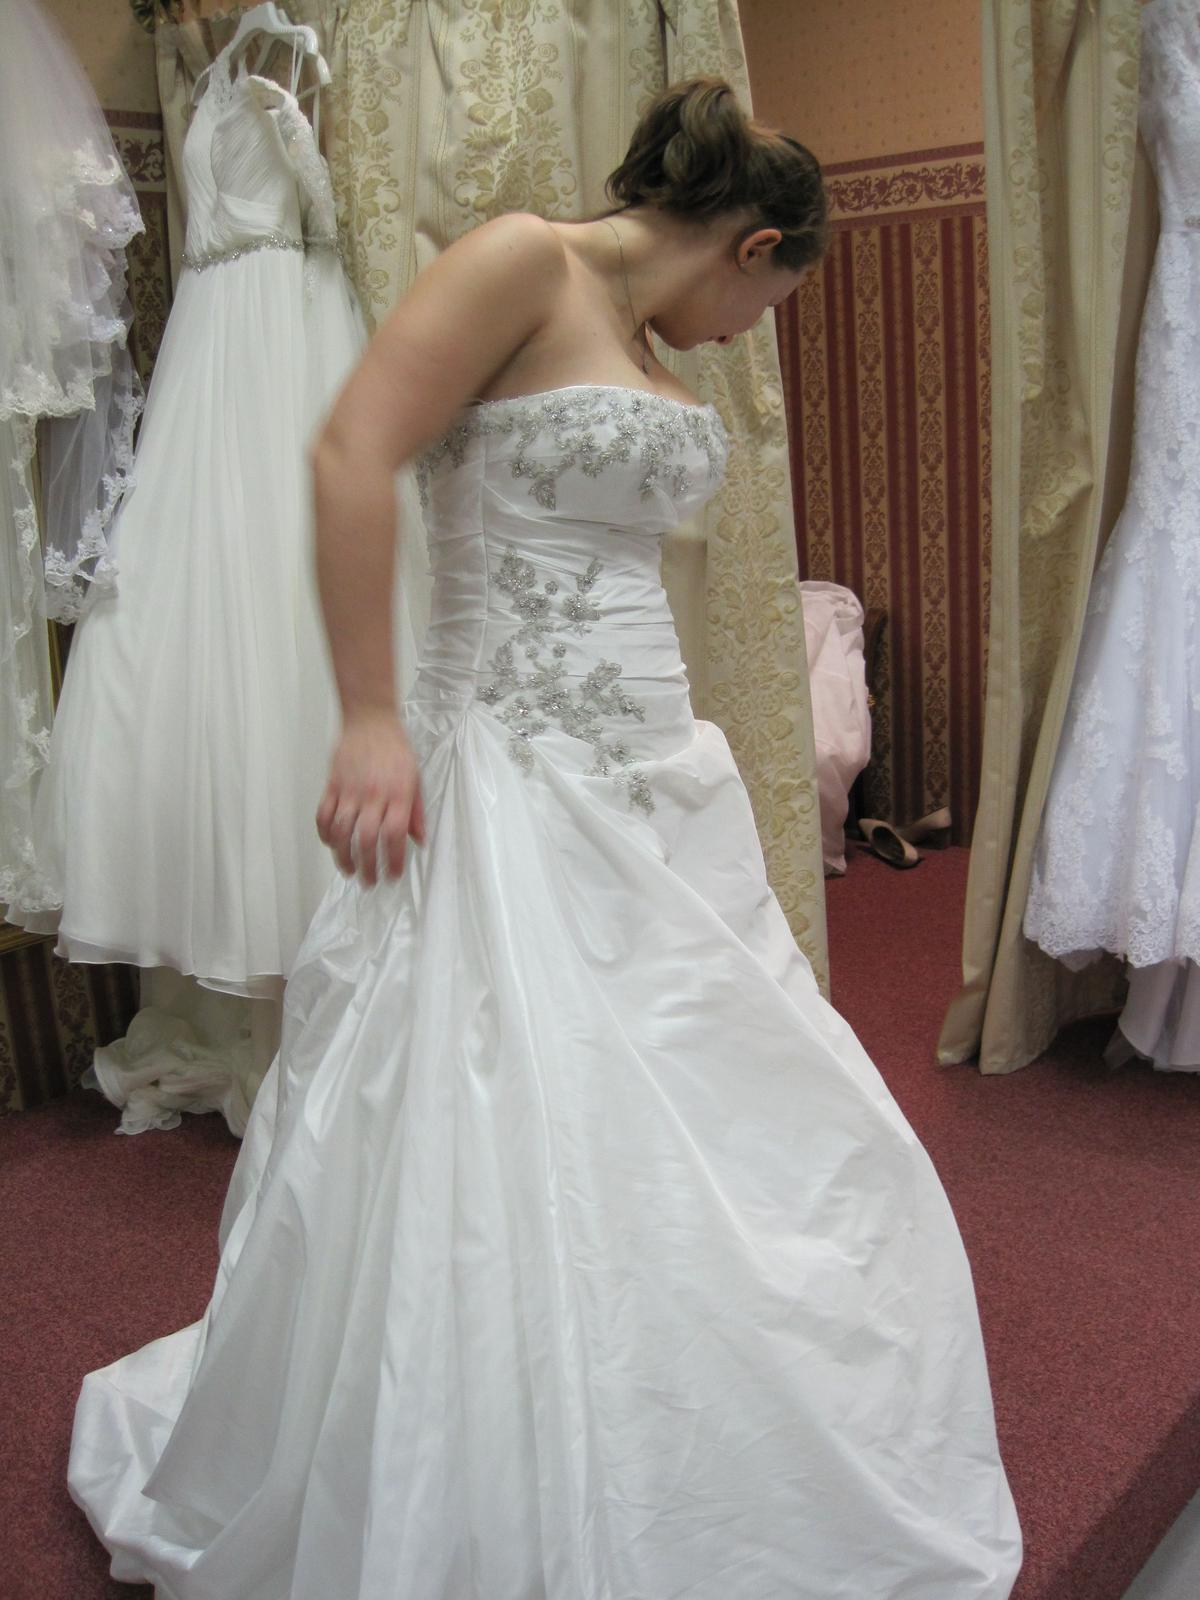 Diamantovo biele svadobné šaty Andover  - Obrázok č. 3